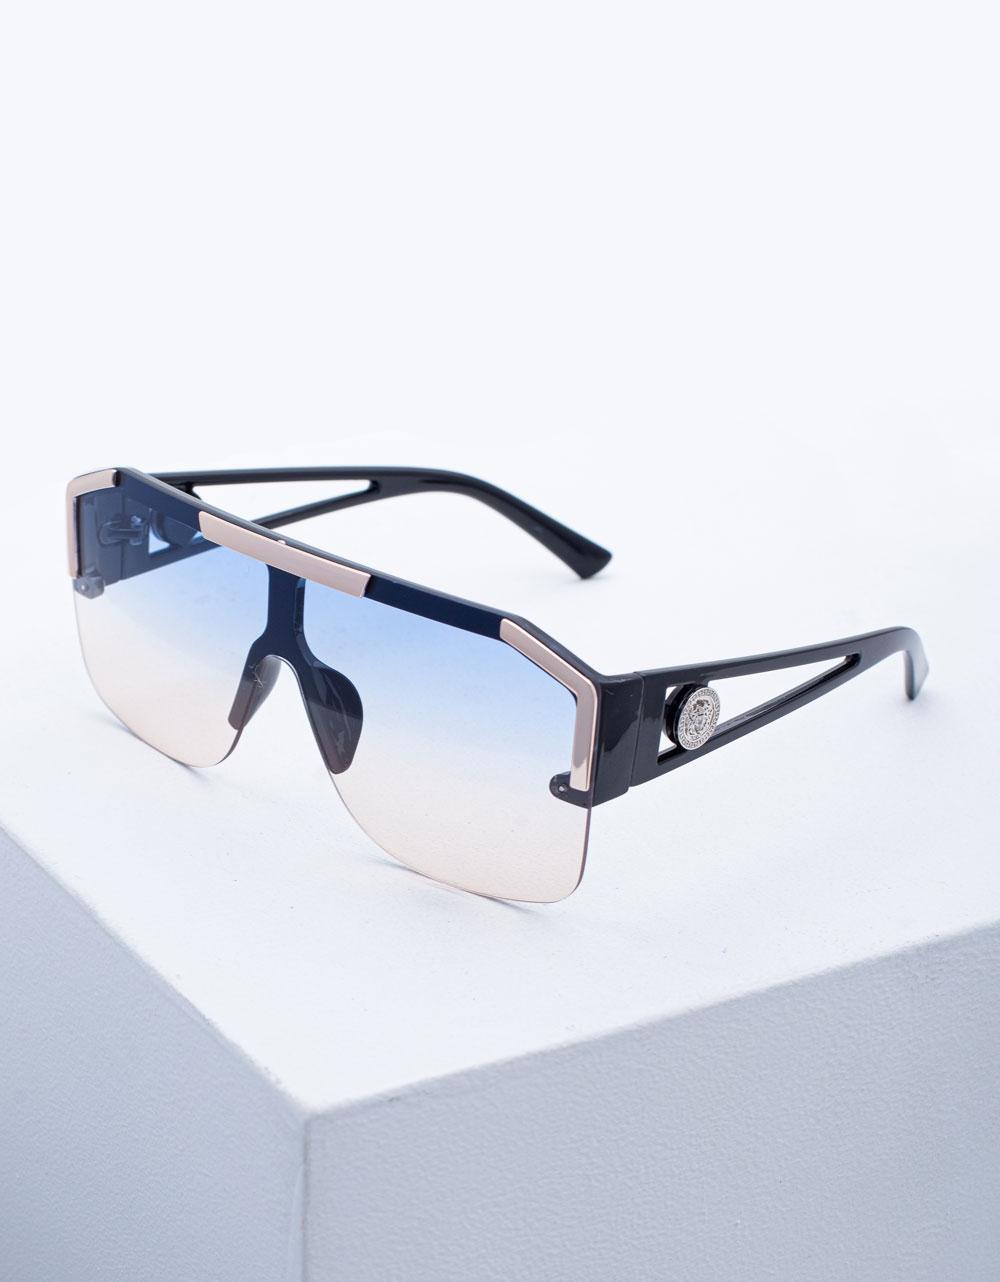 Εικόνα από Γυναικεία γυαλιά ηλίου oversized με χρωματιστούς φακούς Σιέλ